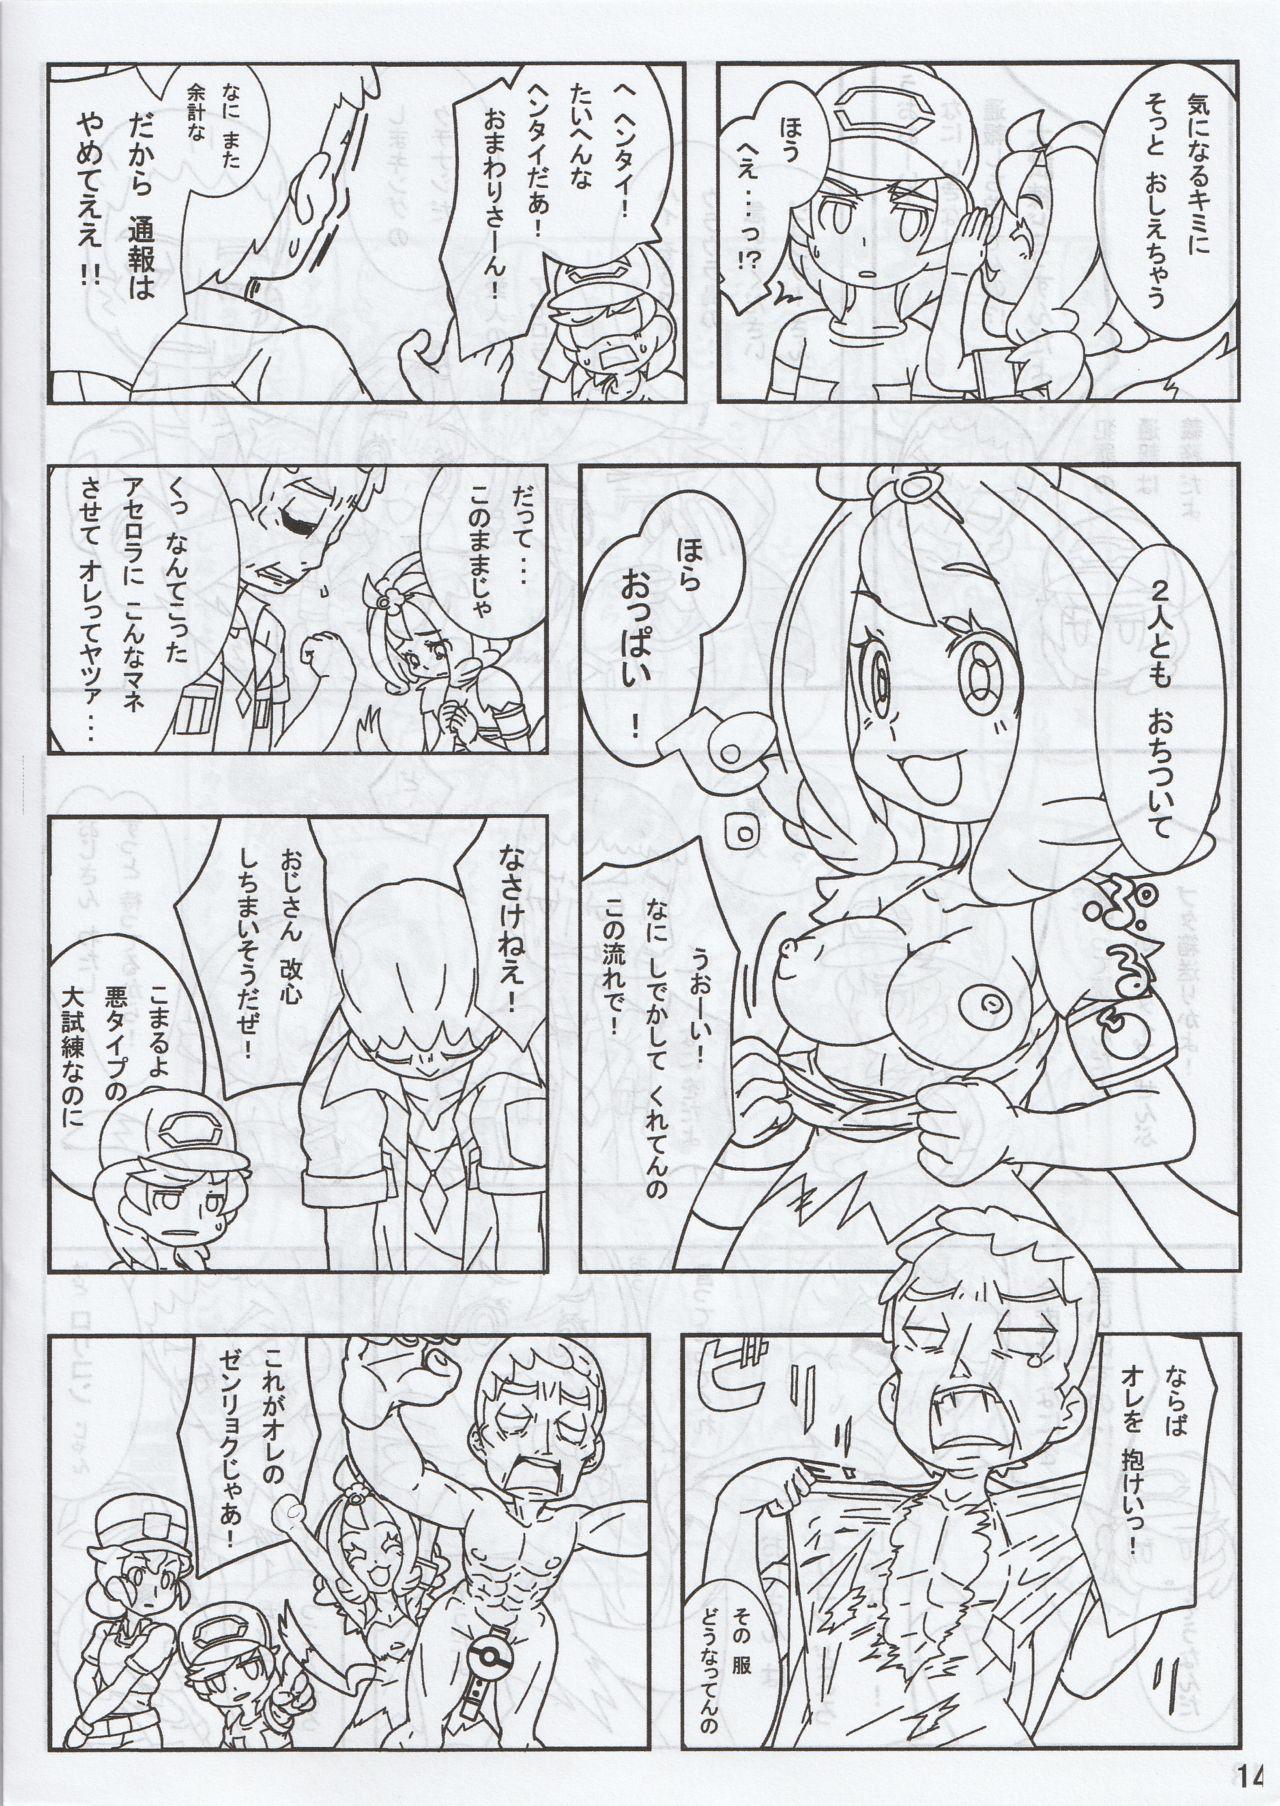 Minnano Monogatari / Tetsukiki 14